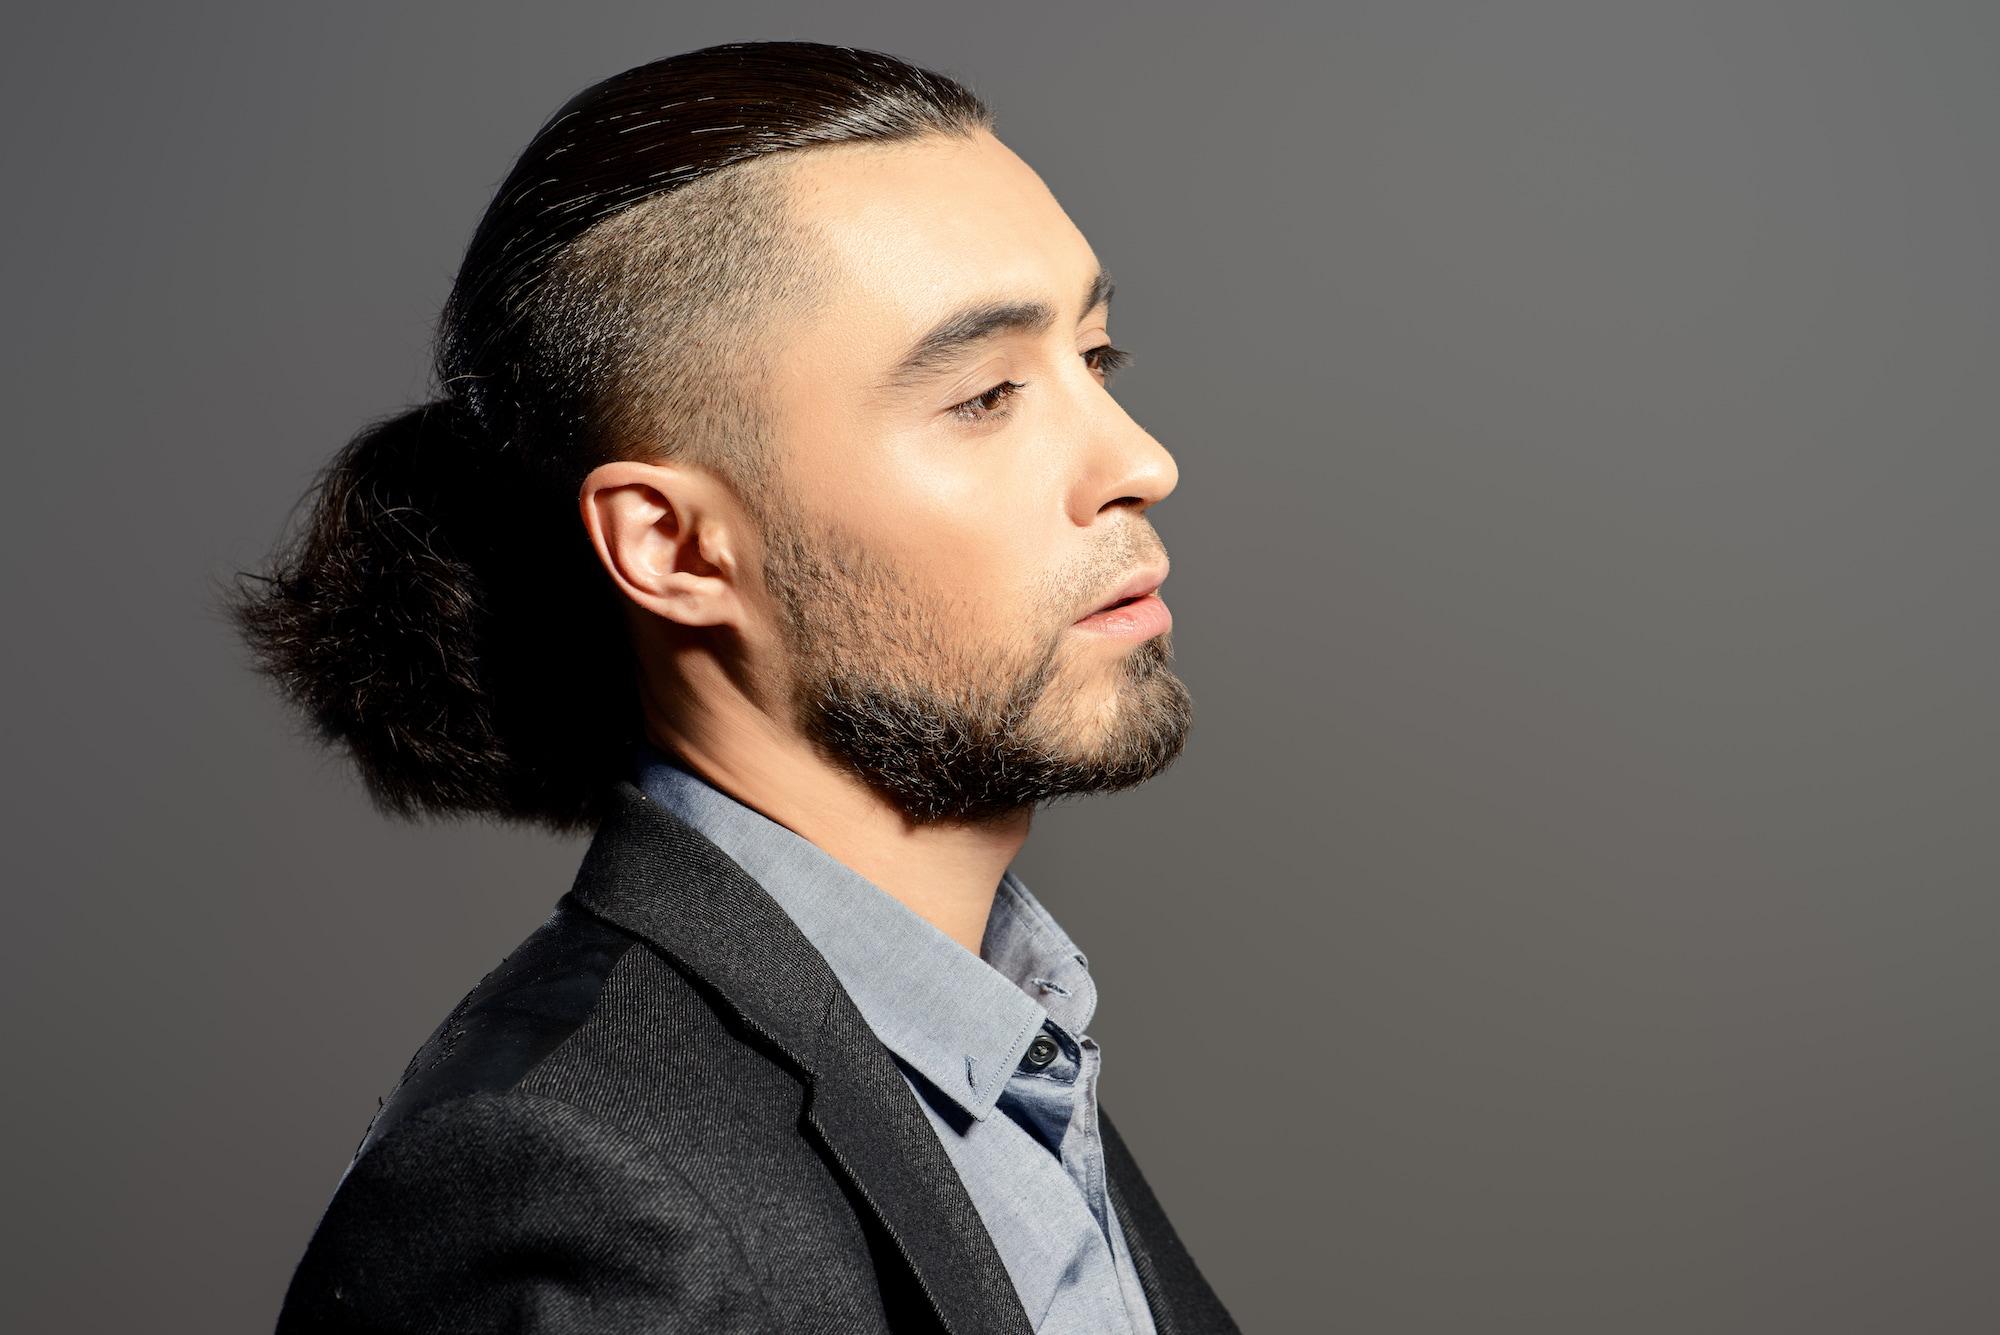 Gaya rambut pria tipis dengan model rambut undercut man bun.